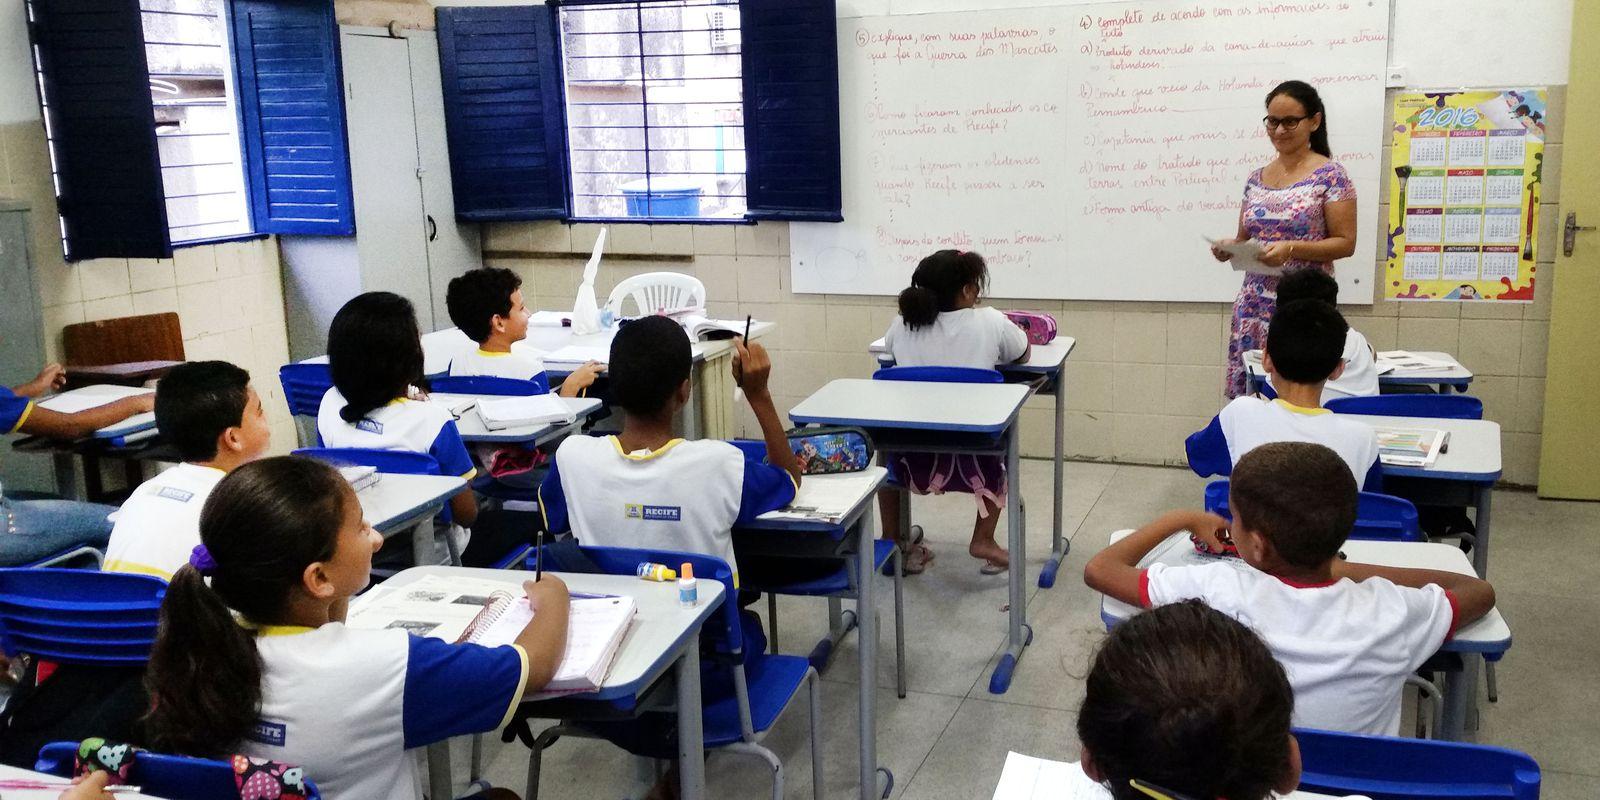 Recife – Alunos da Escola Municipal Abílio Gomes, na capital pernambucana, usam livros didáticos que podem ser proibidos pela Câmara de Vereadores (Sumaia Vilela / Agência Brasil)